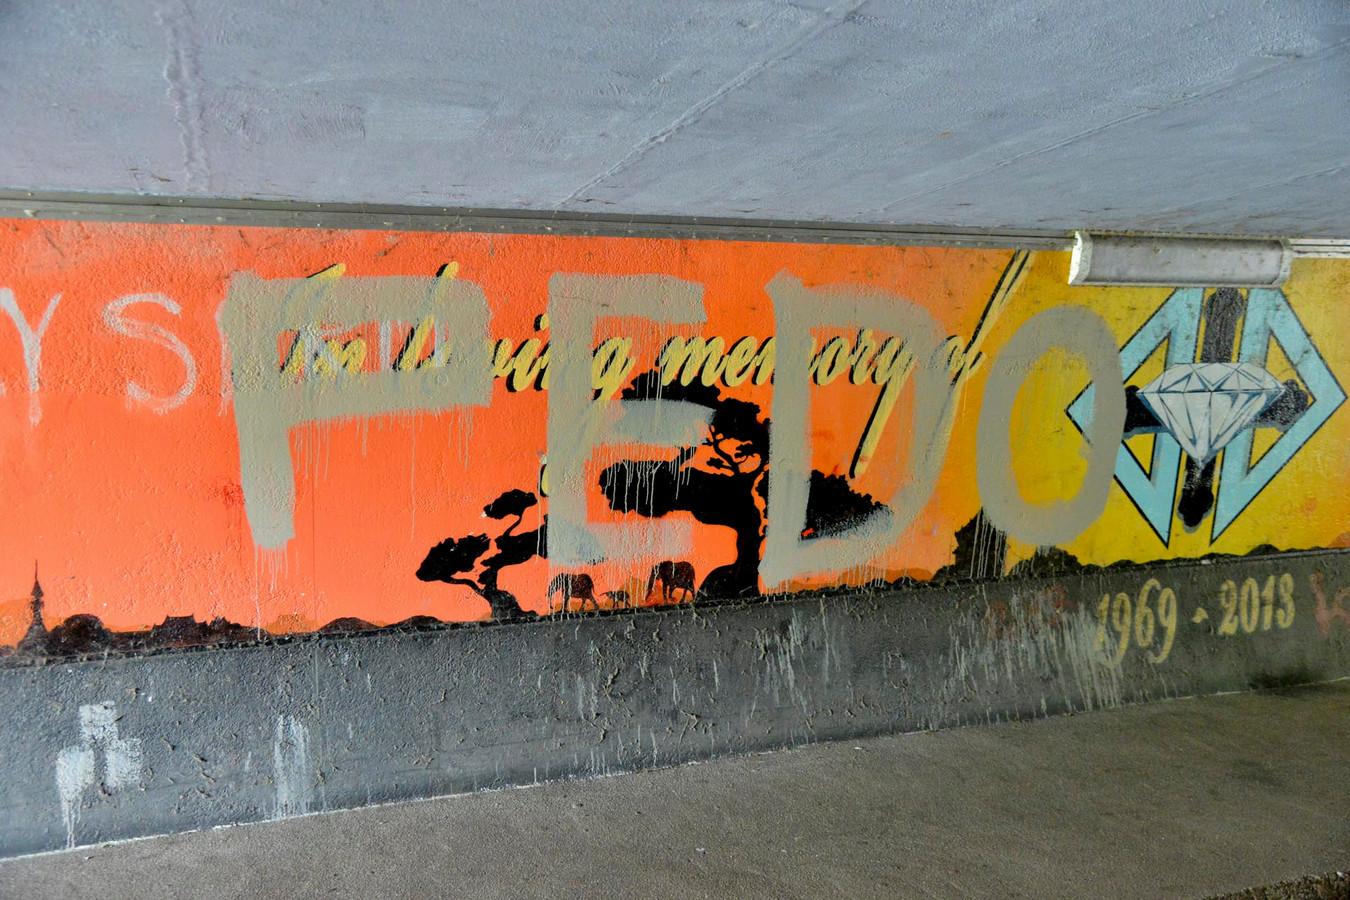 Het vandalisme op het kunstwerk van Dekkers in Breda.